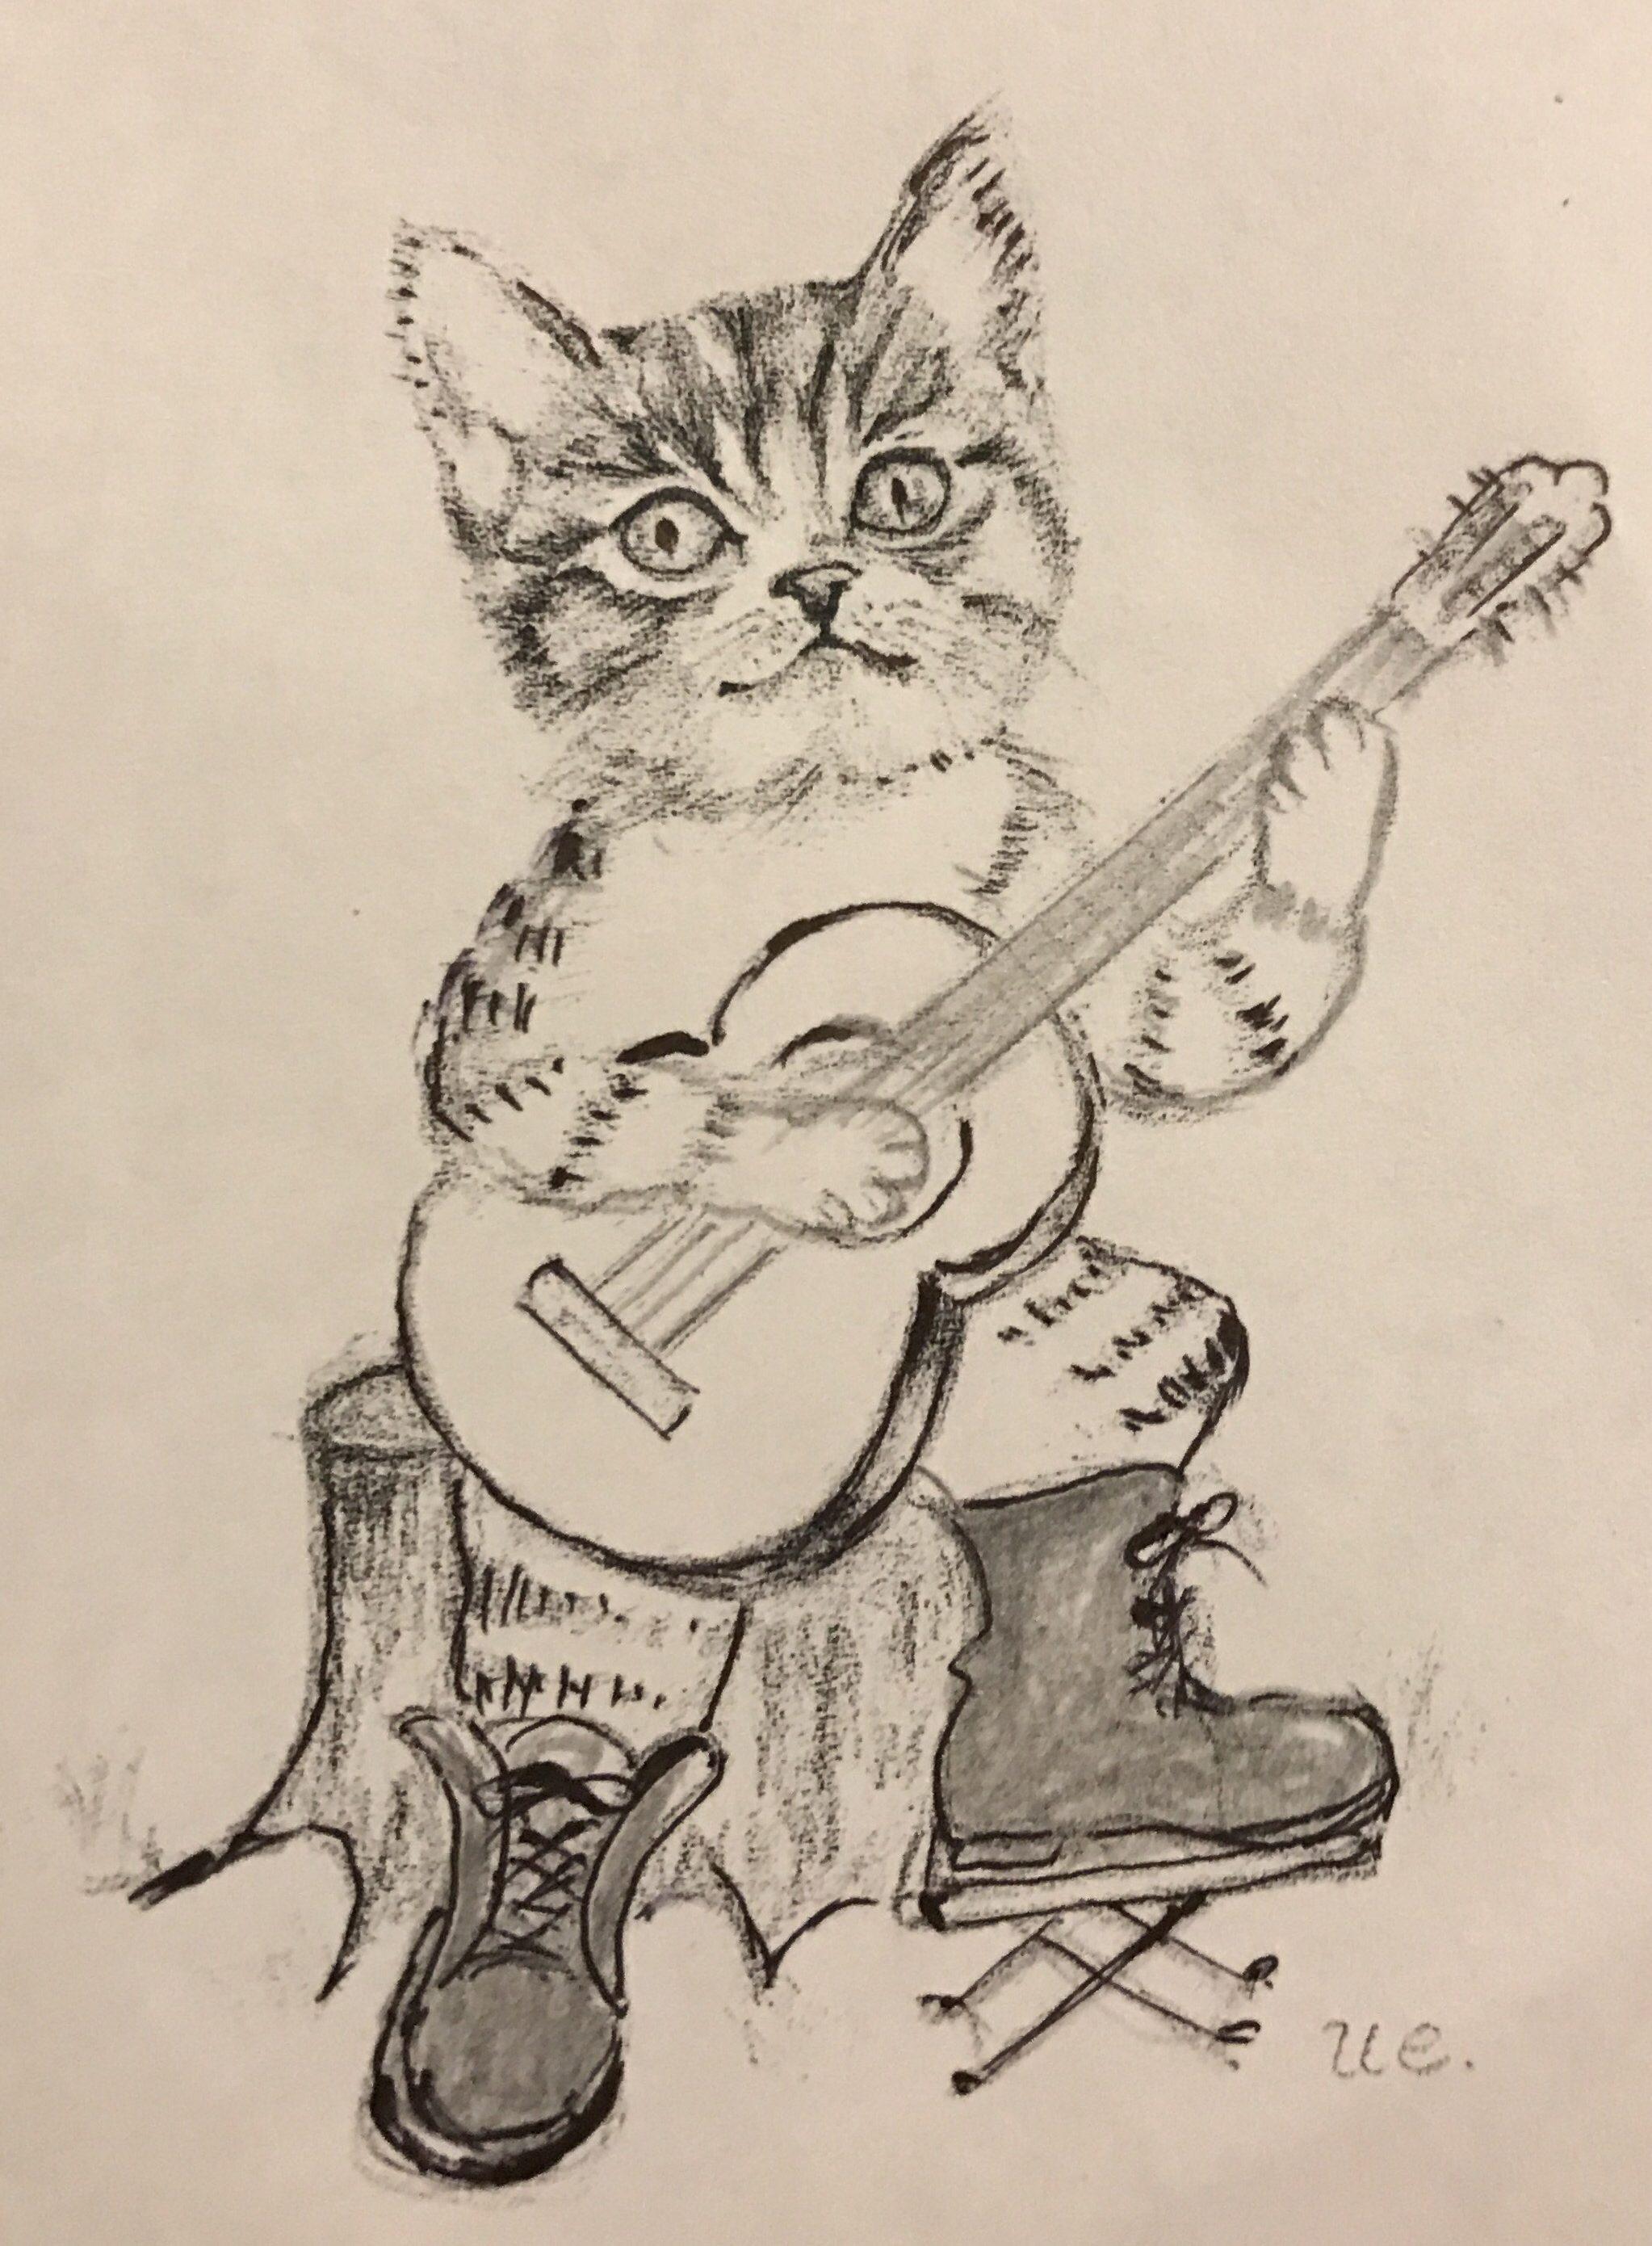 植村ギター教室 | 東久留米市